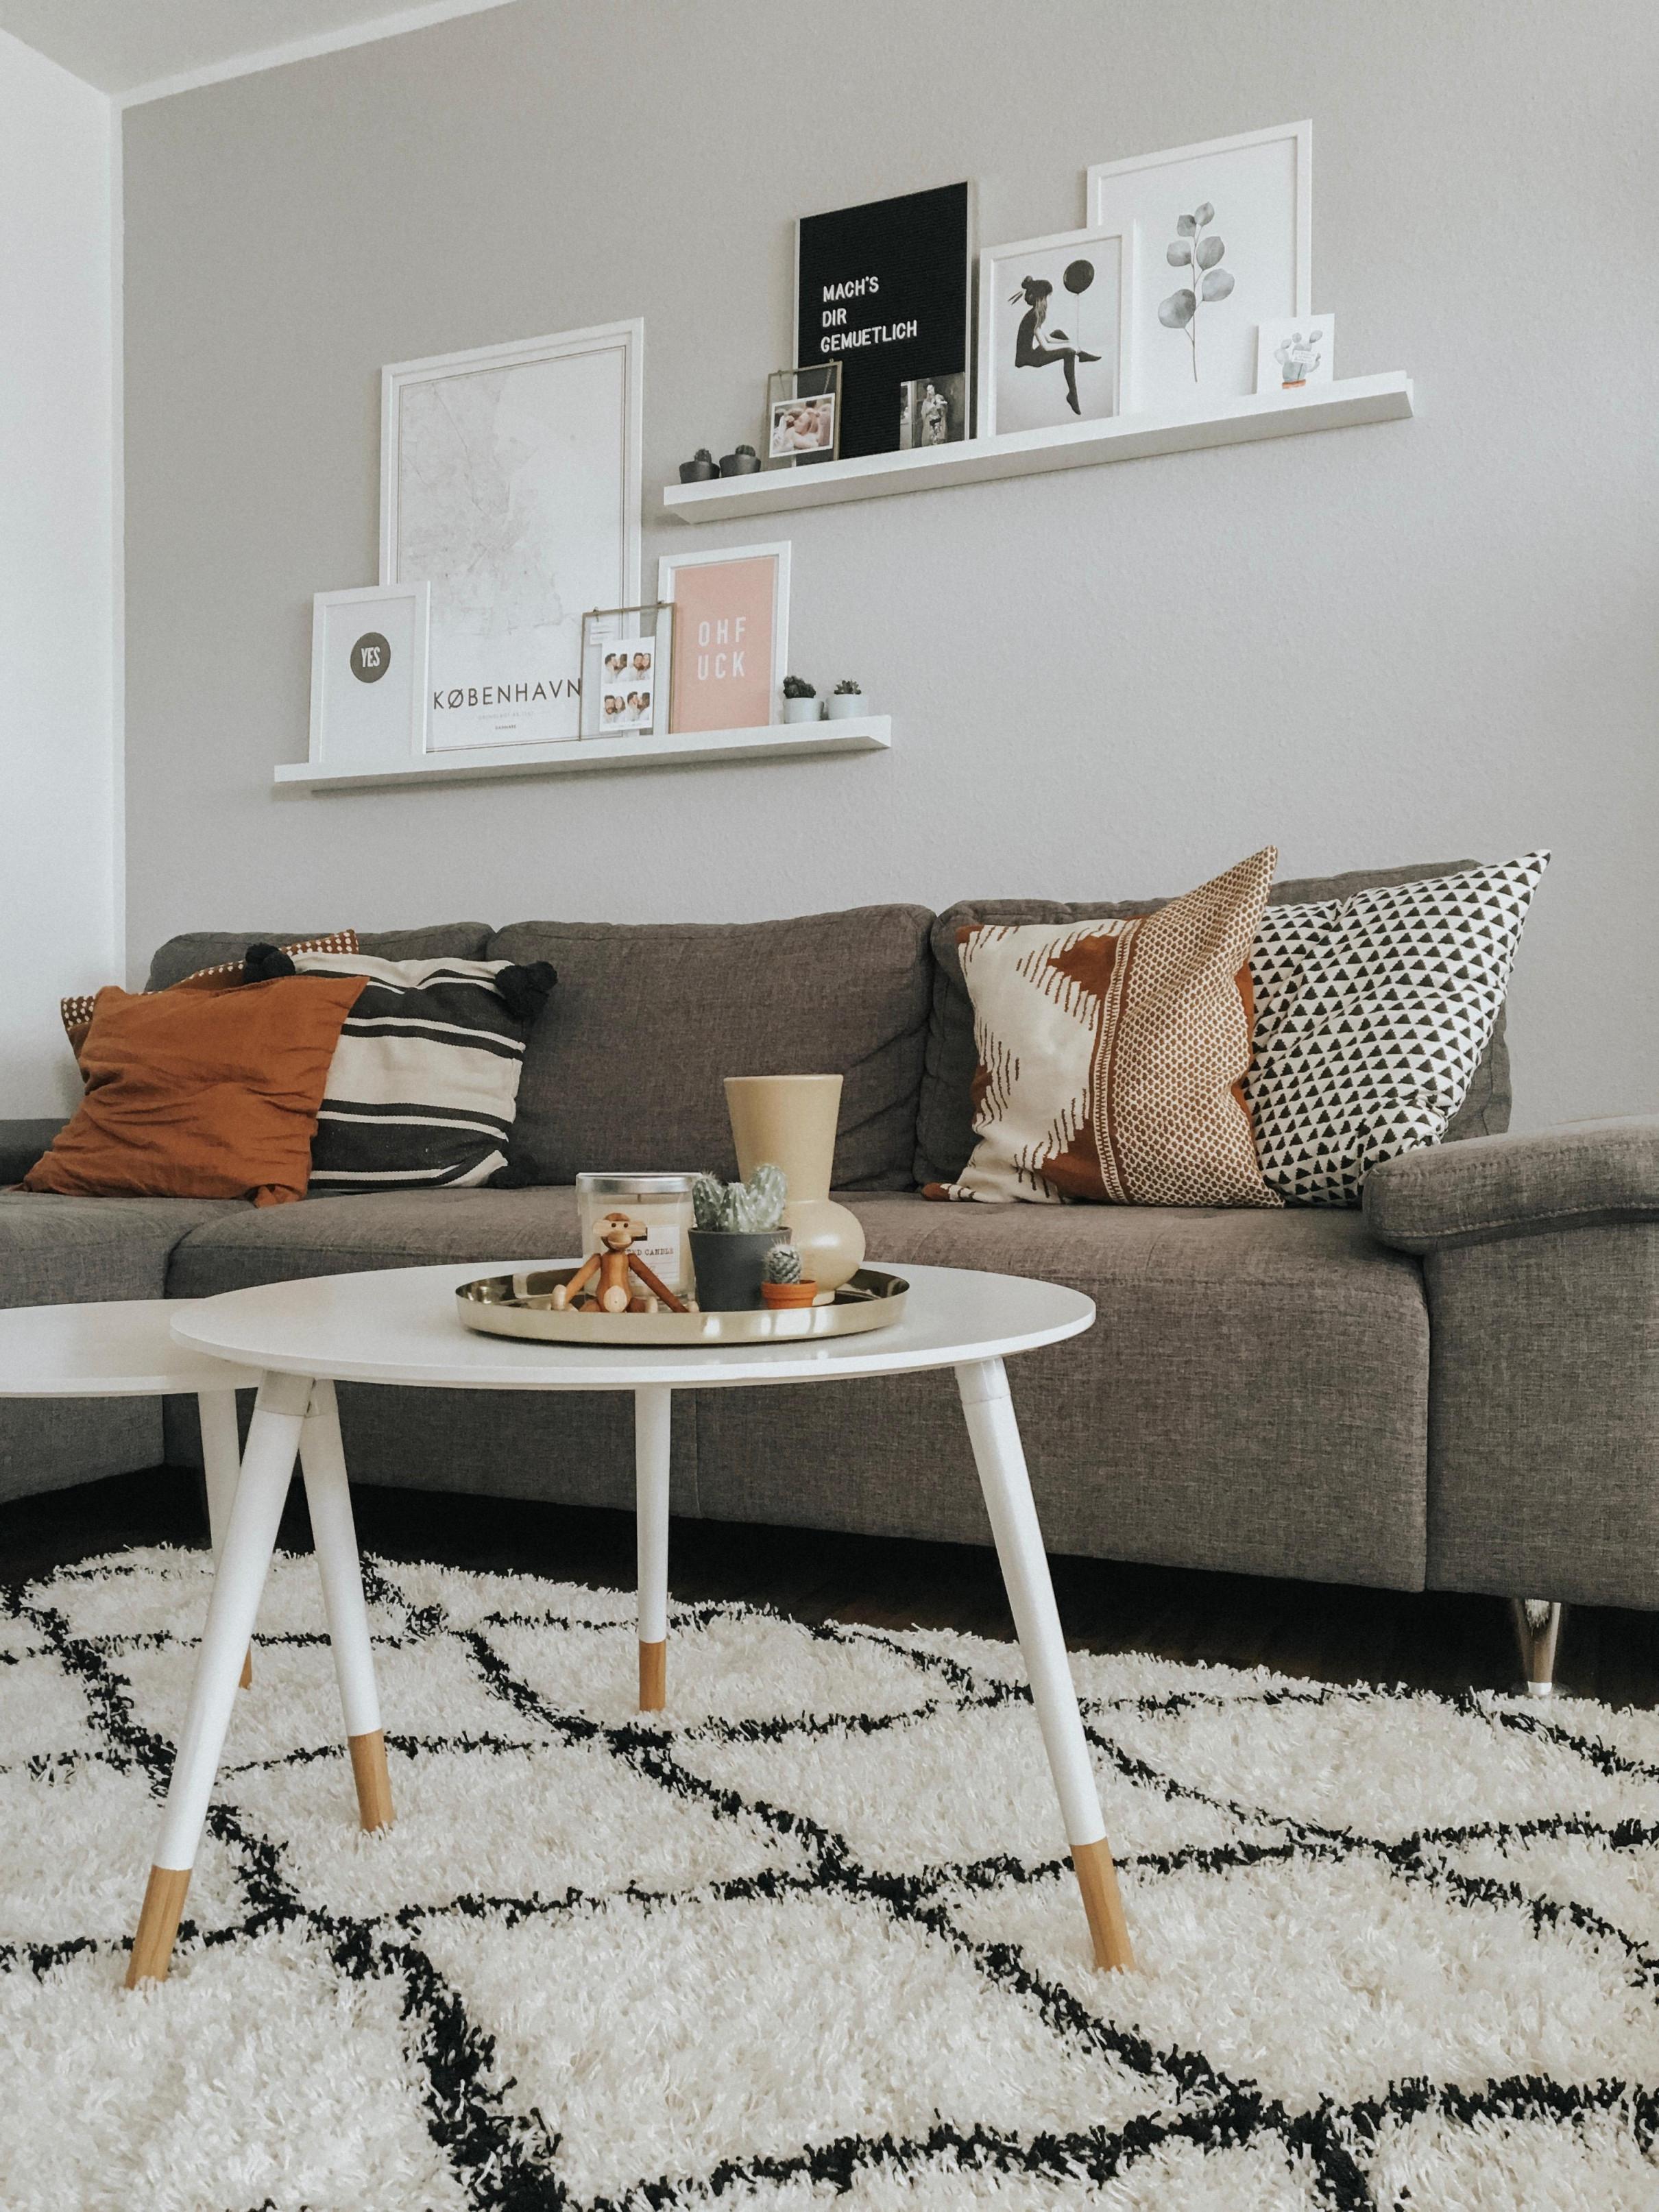 Farben Im Wohnzimmer So Wird's Gemütlich von Farbideen Wohnzimmer Wände Ideen Photo